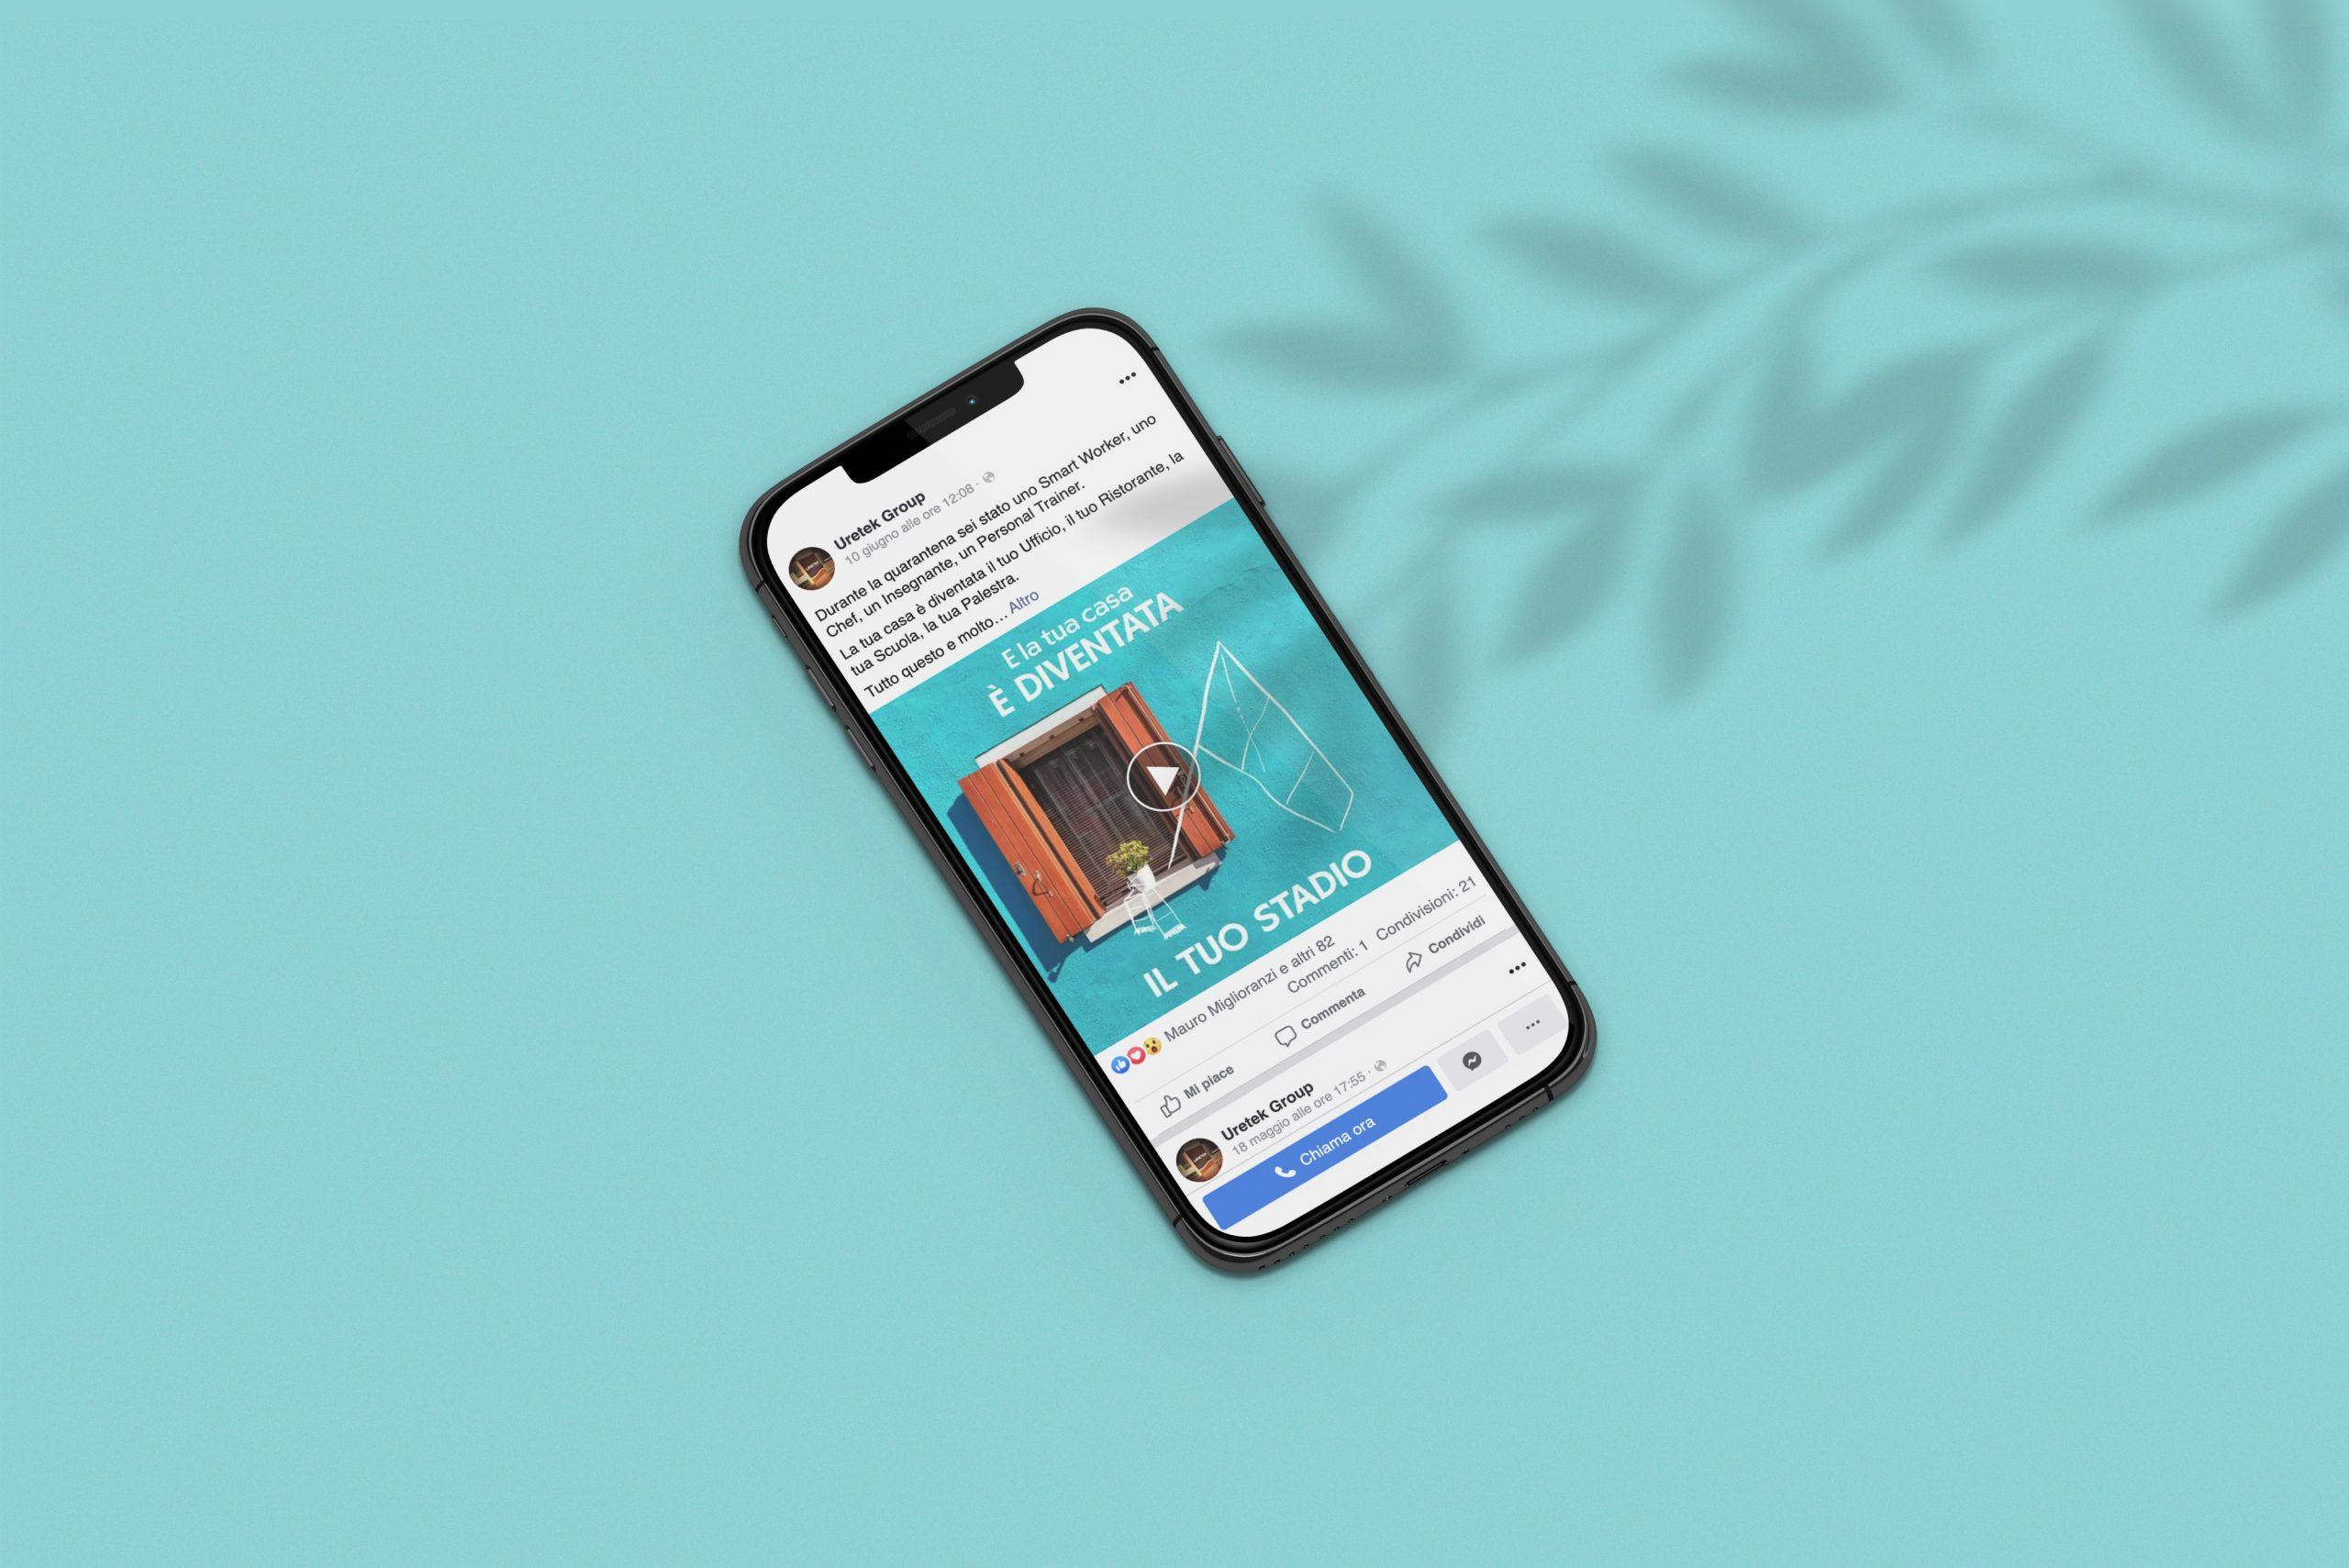 Campagna di sensibilizzazione social per Uretek su smartphone